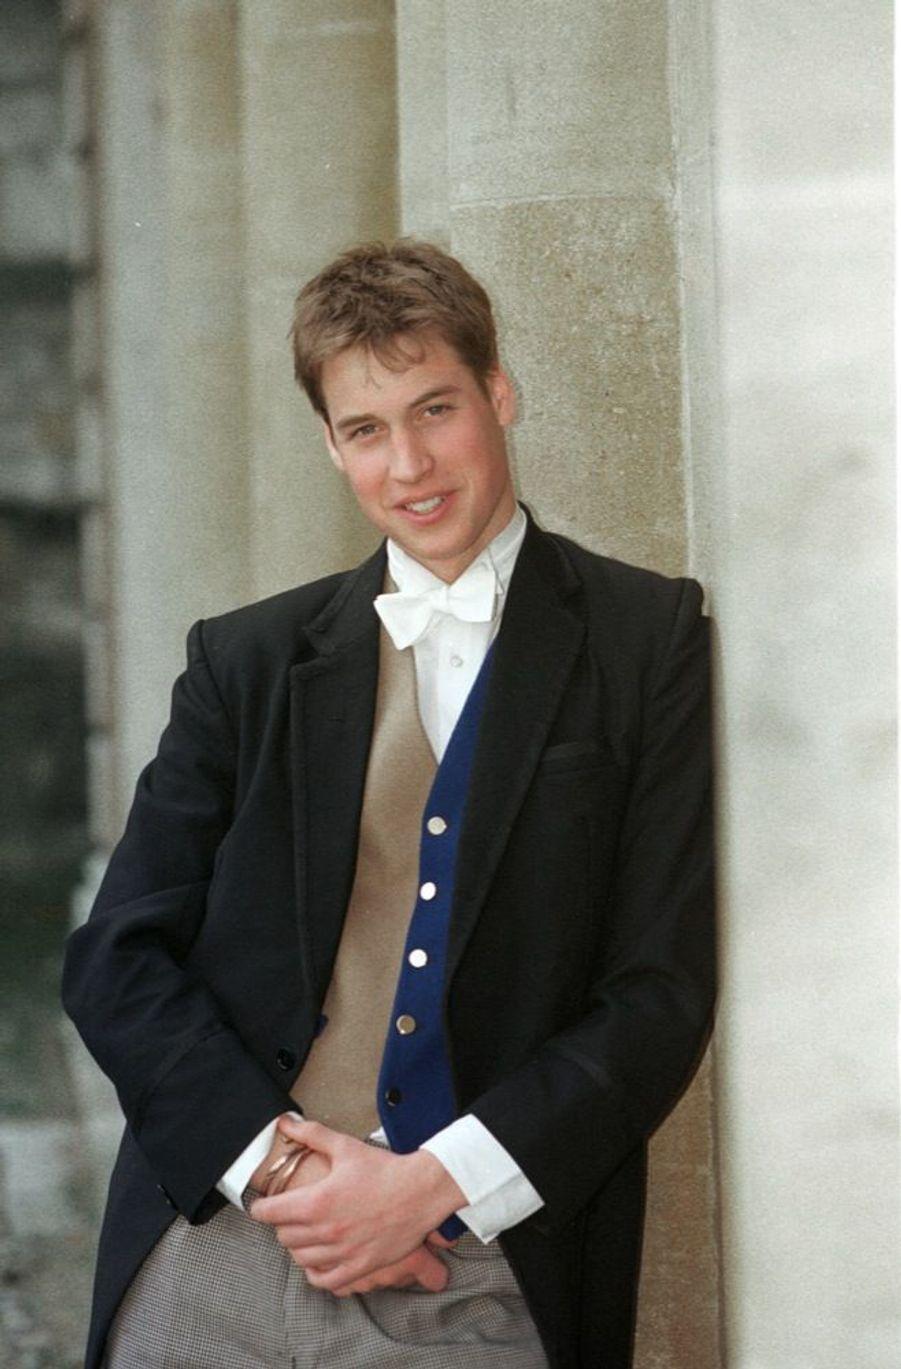 Le prince William, le jour de ses 18 ans, au Collège d'Eton, le 21 juin 2000.